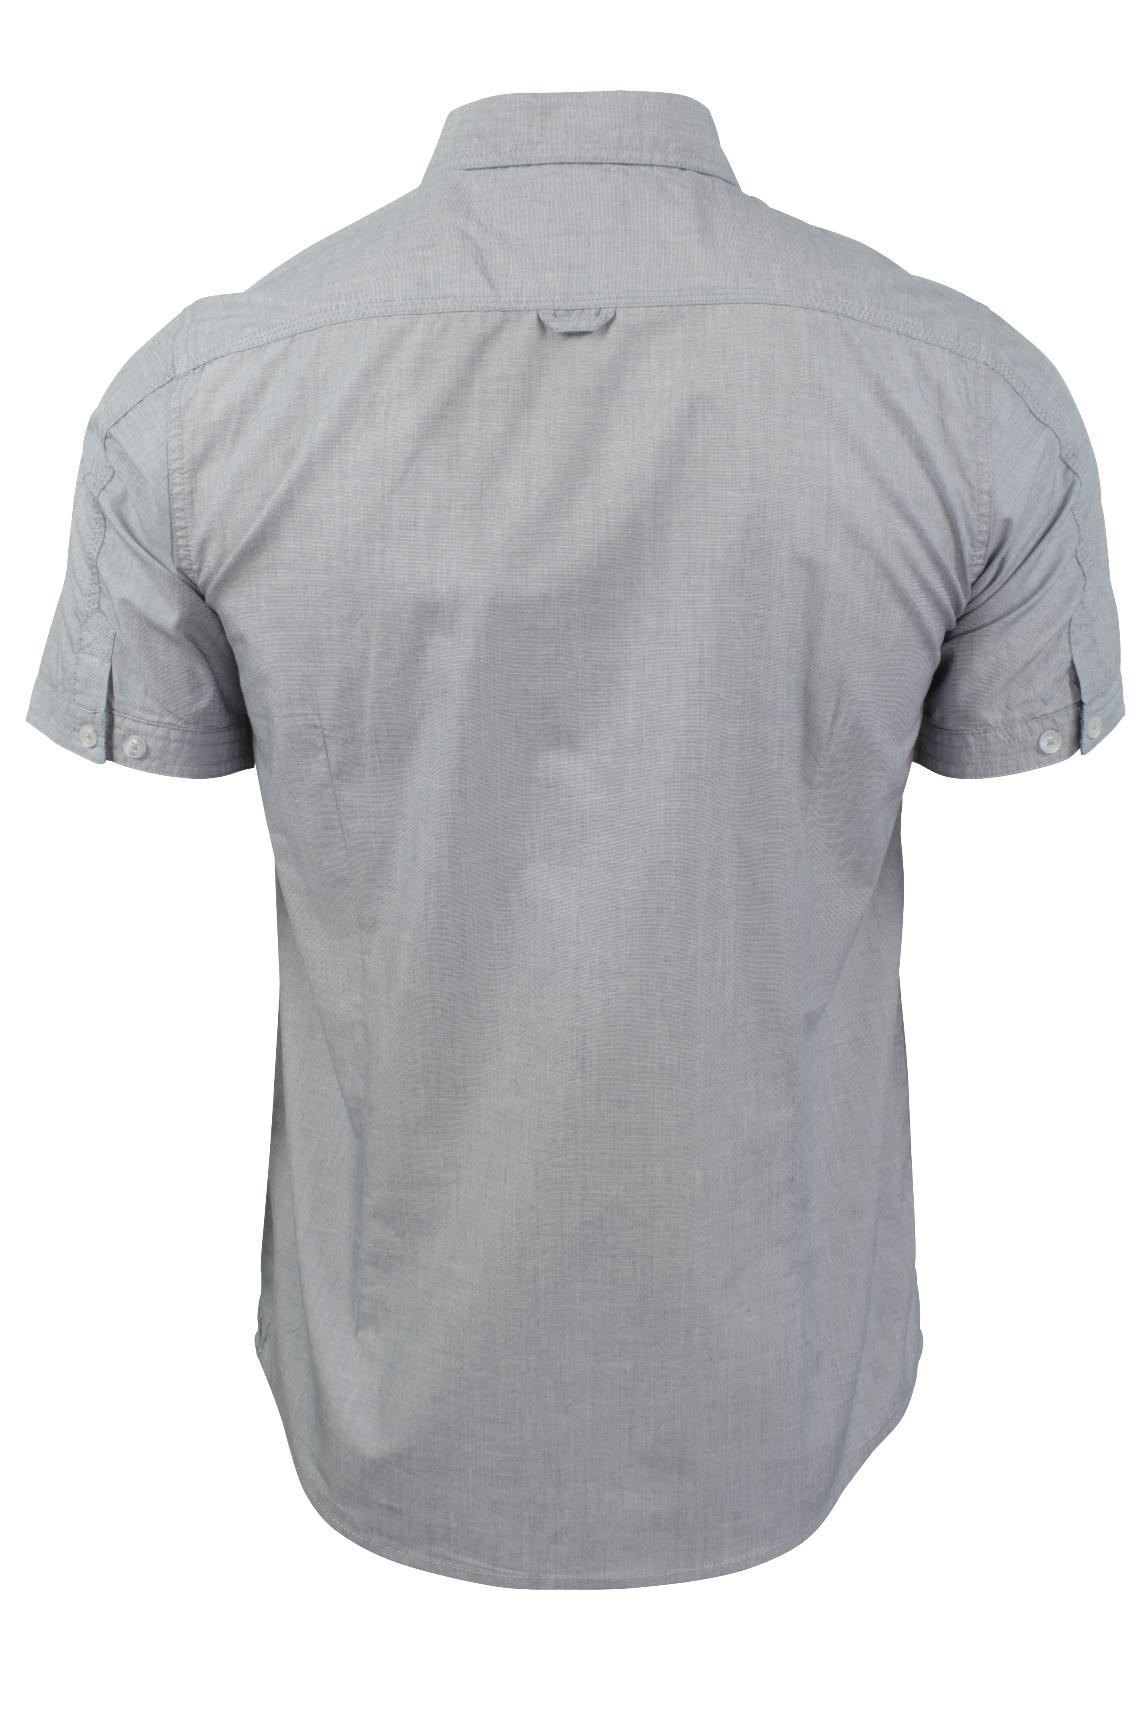 Mens-Shirt-by-Tokyo-Laundry-Short-Sleeved thumbnail 8